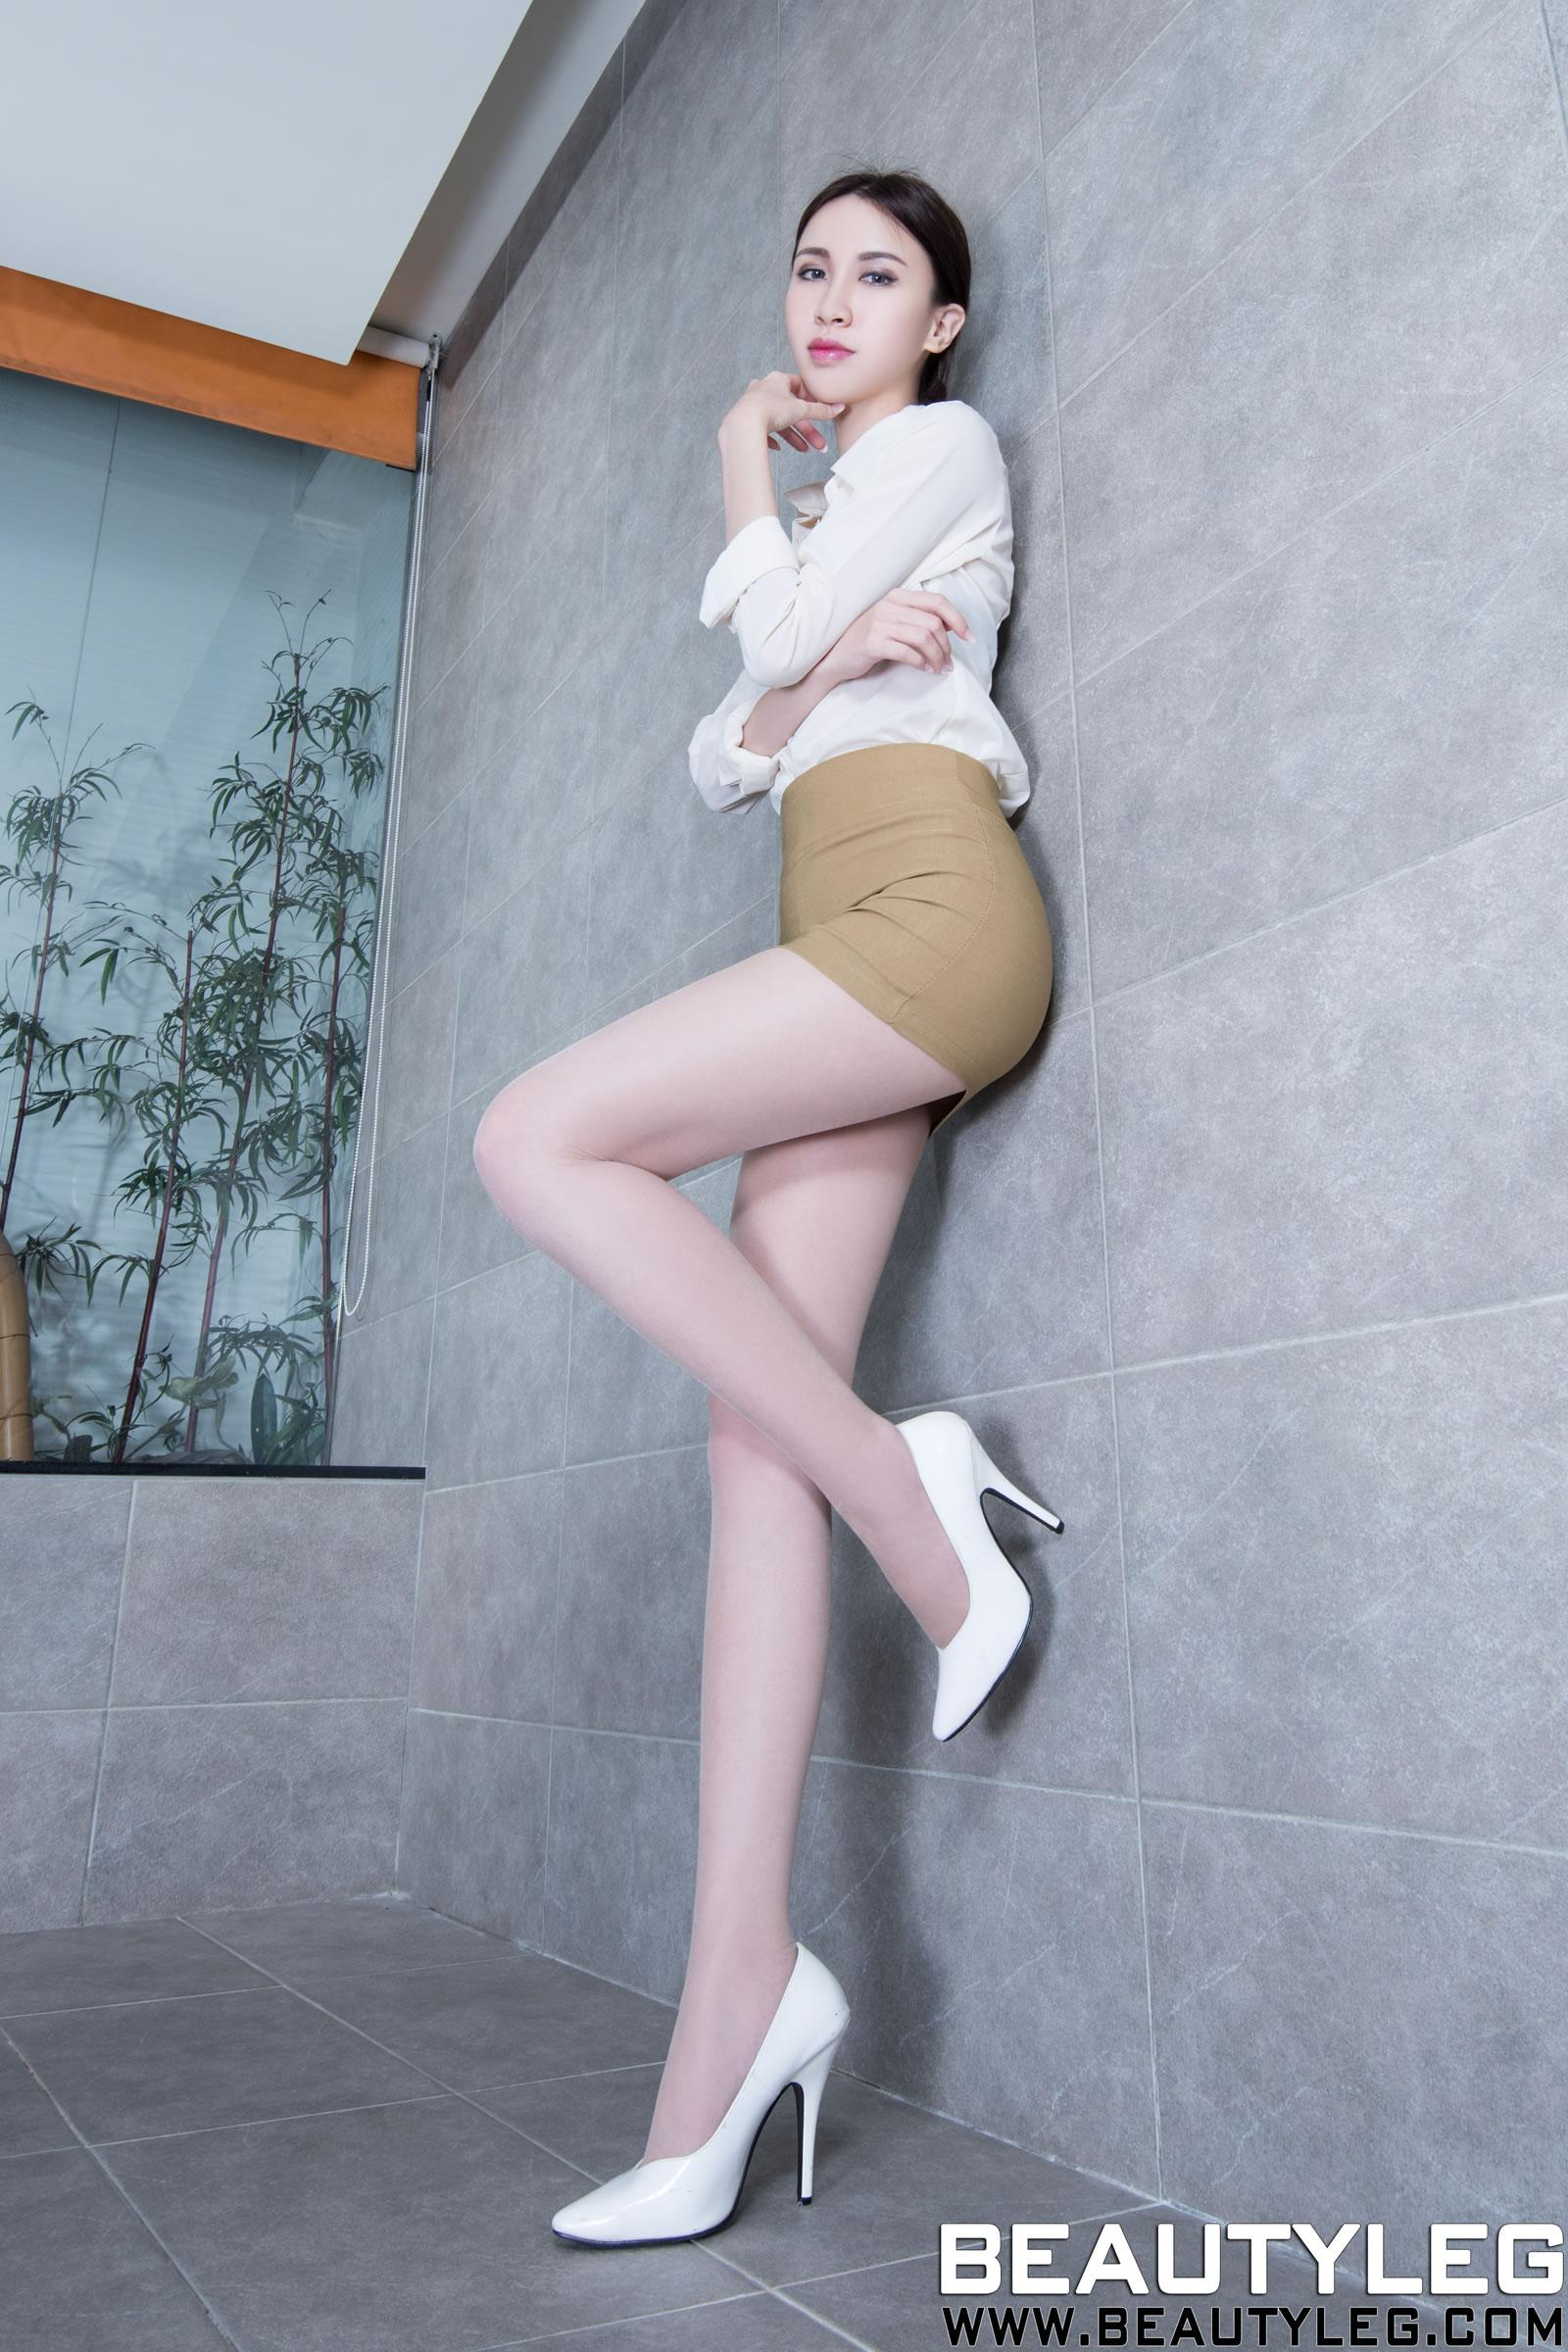 操骚制服少妇图_台湾美女秘书制服诱惑惹火肉丝私房照